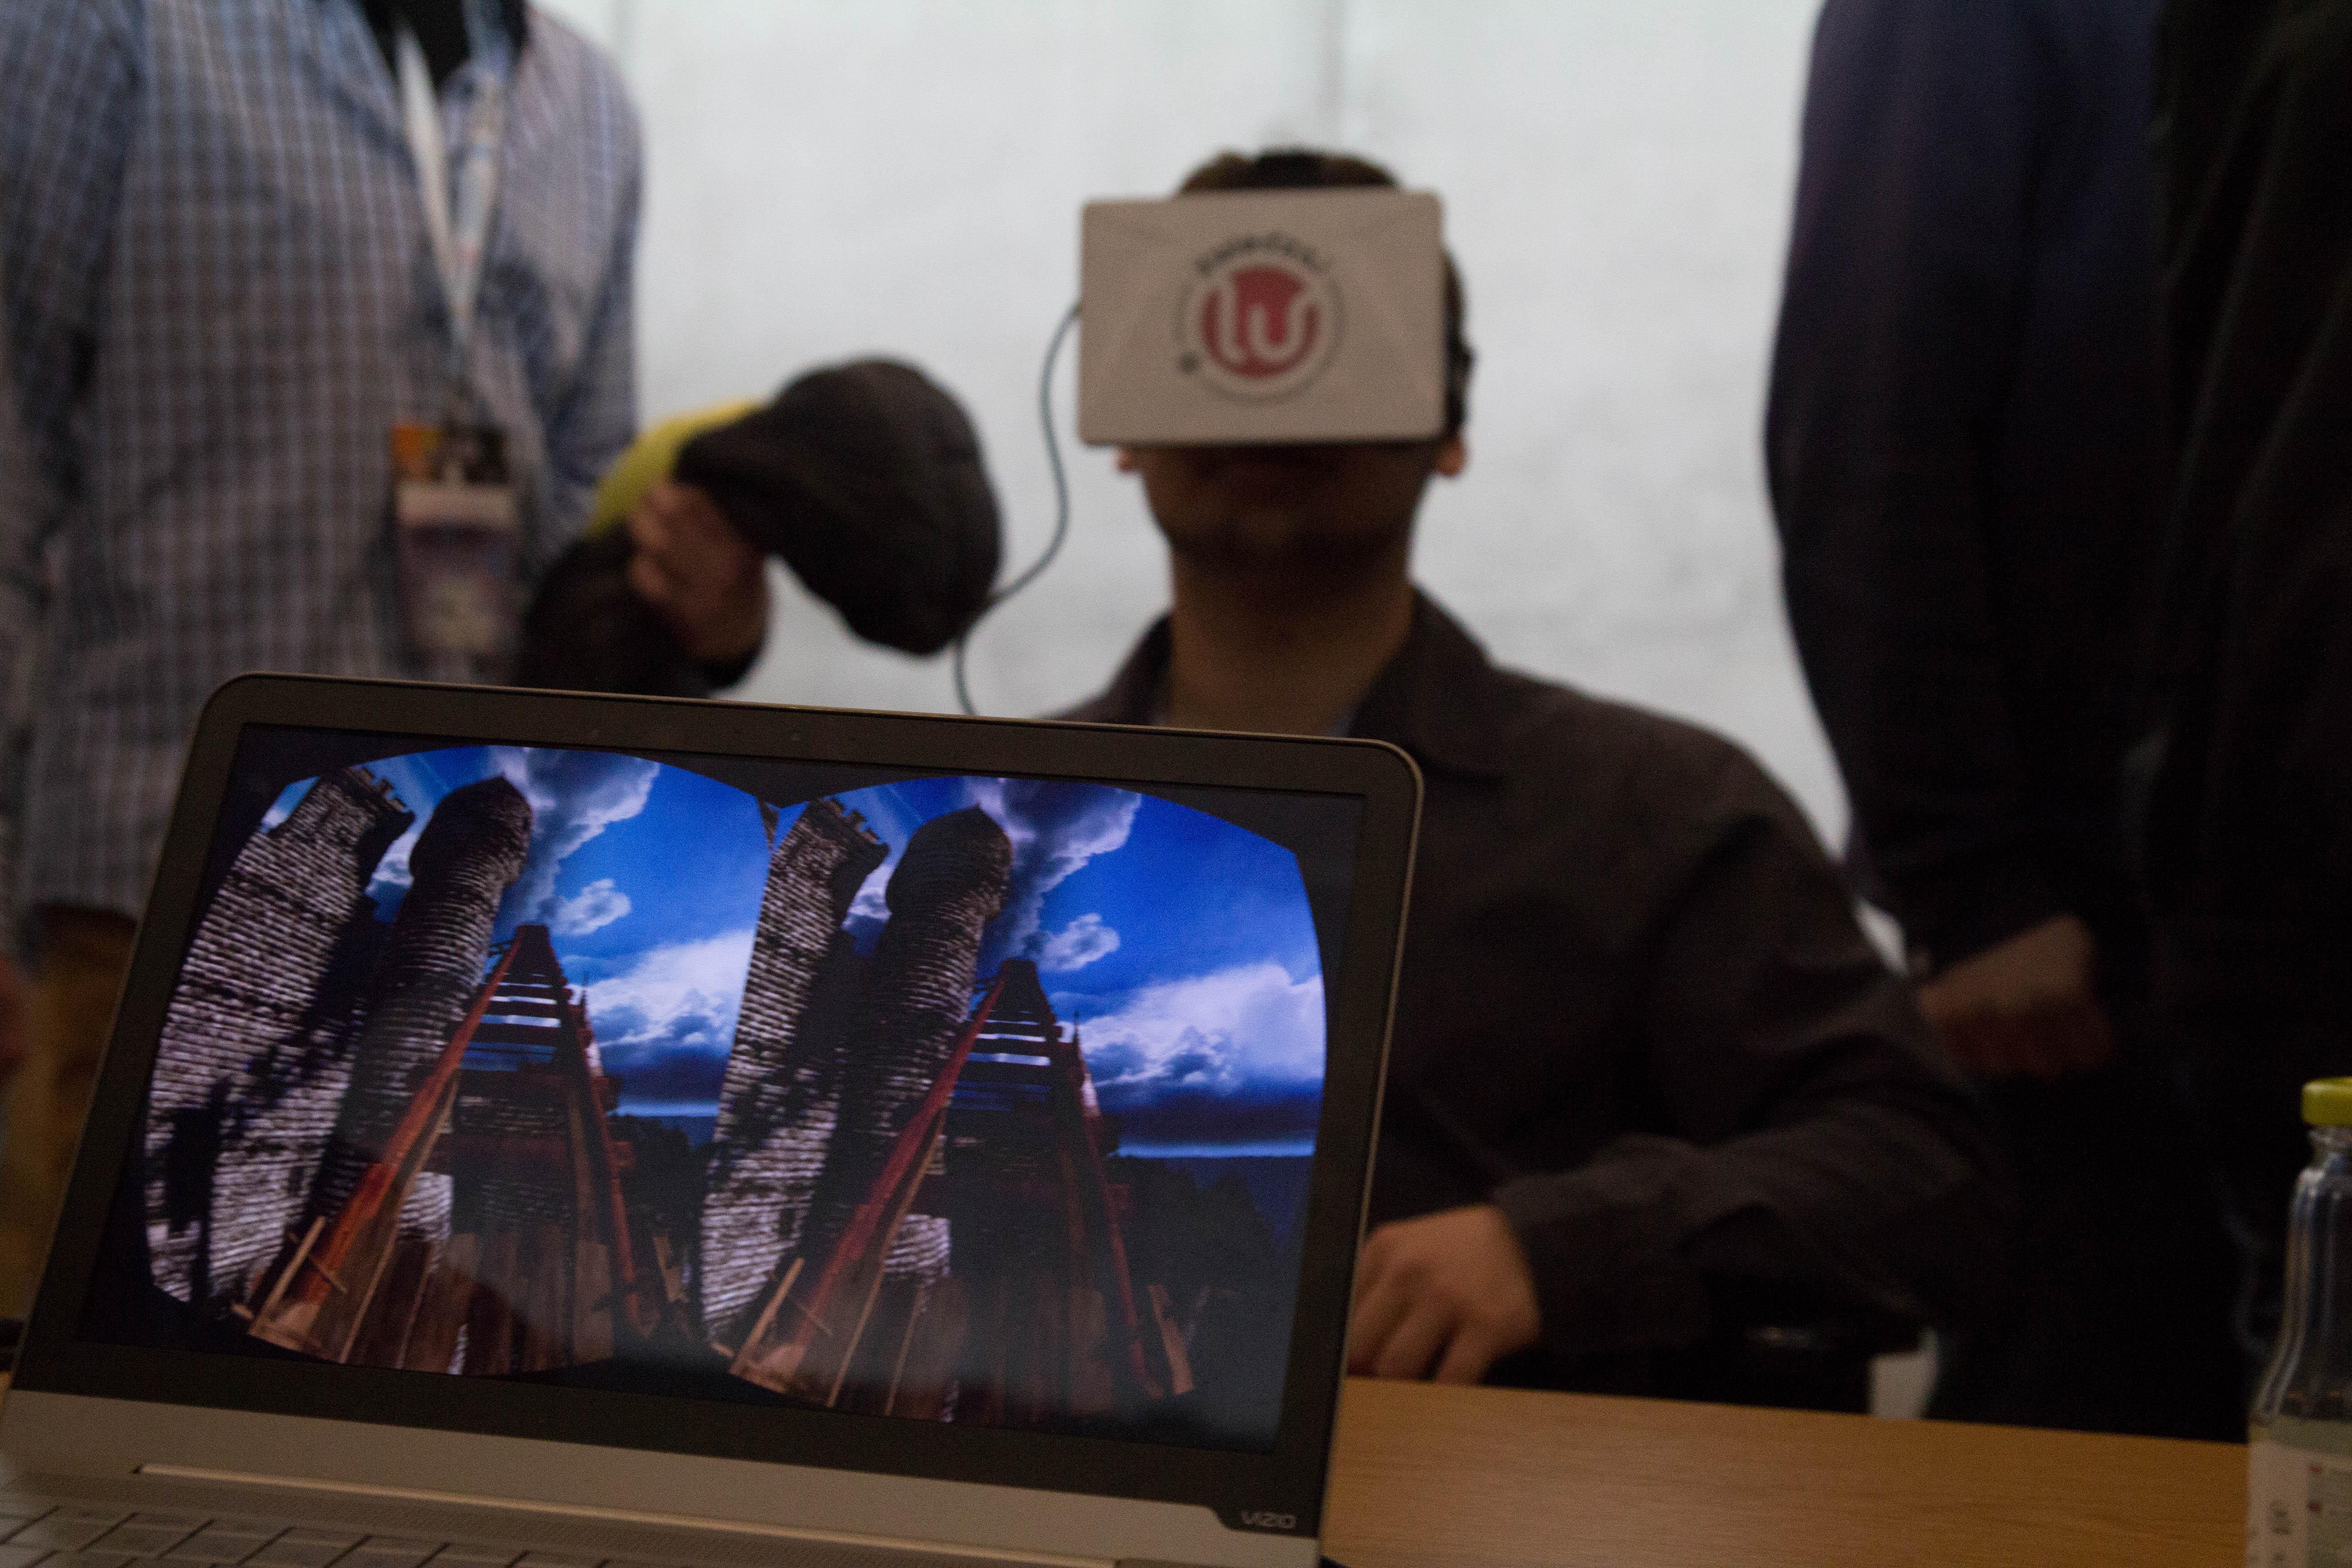 Wirtualna rzeczywistość (VR)